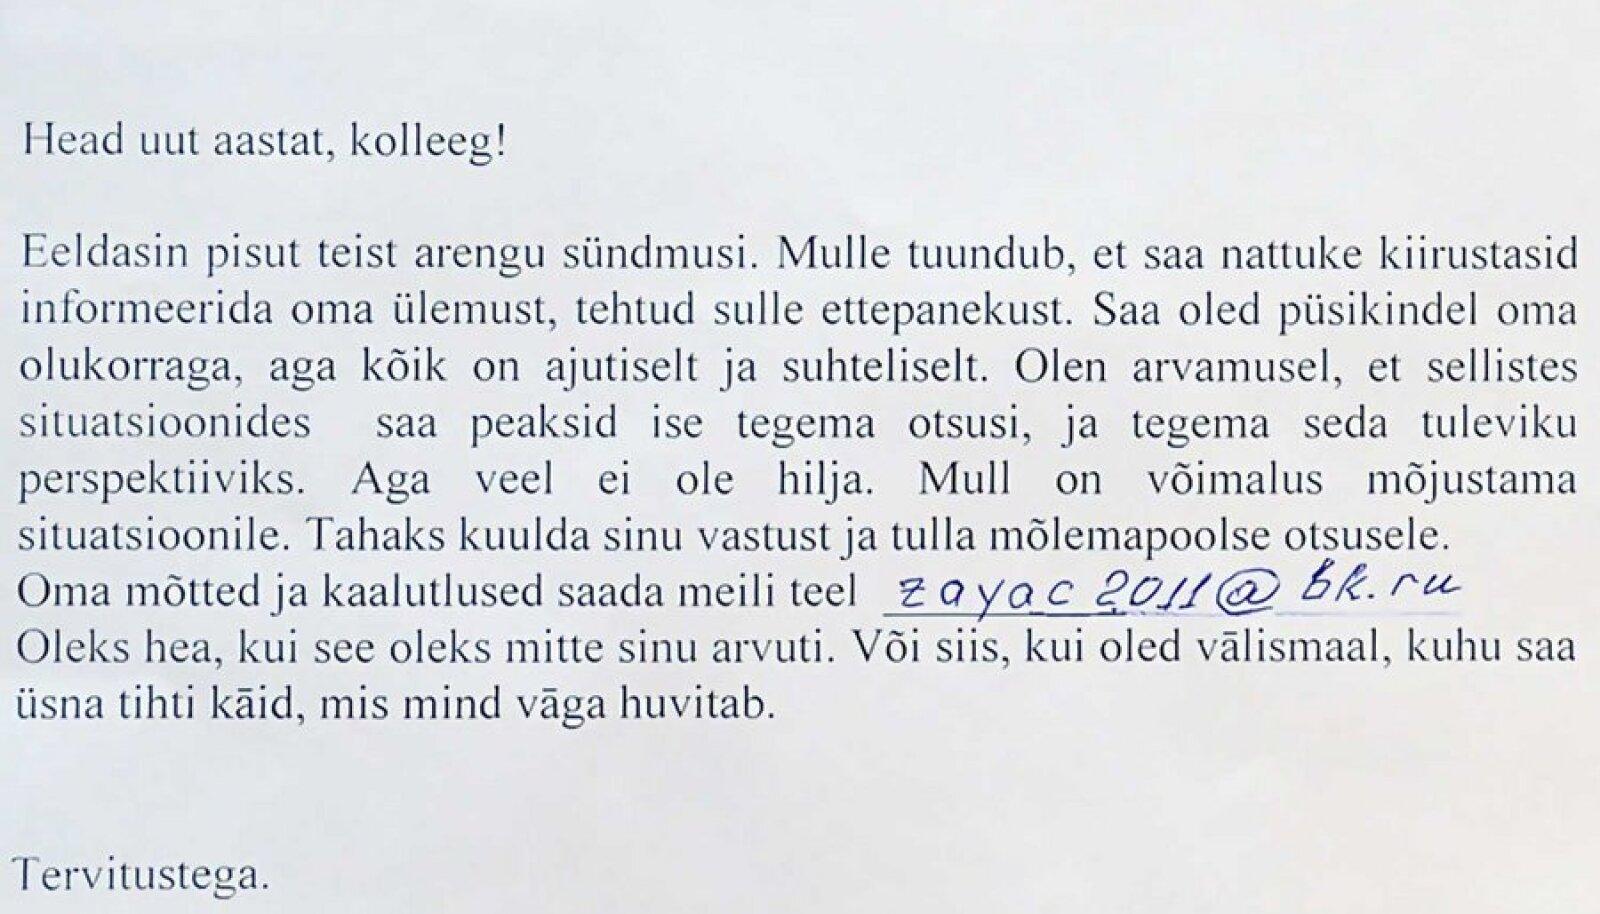 Uusaastatervitus: Ülemuse kohene informeerimine nurjas Pihkva FSB värbamiskatse kaitsepolitseiniku vastu ja muutis Vene eriteenistuse tuima järjekindluse naeruväärseks. Kontakti saavutamiseks oli Pihkva FSB saatnud Eestisse oma endise kolleegi, kelle suhtes eeldati Eesti julgeolekuasutuste huvi. Kapo tuvastas Pihkva FSB inimese ja tema suhtes kehtestati sissesõidukeeld.  (Foto: Kaitsepolitsei aastaraamat 2010)